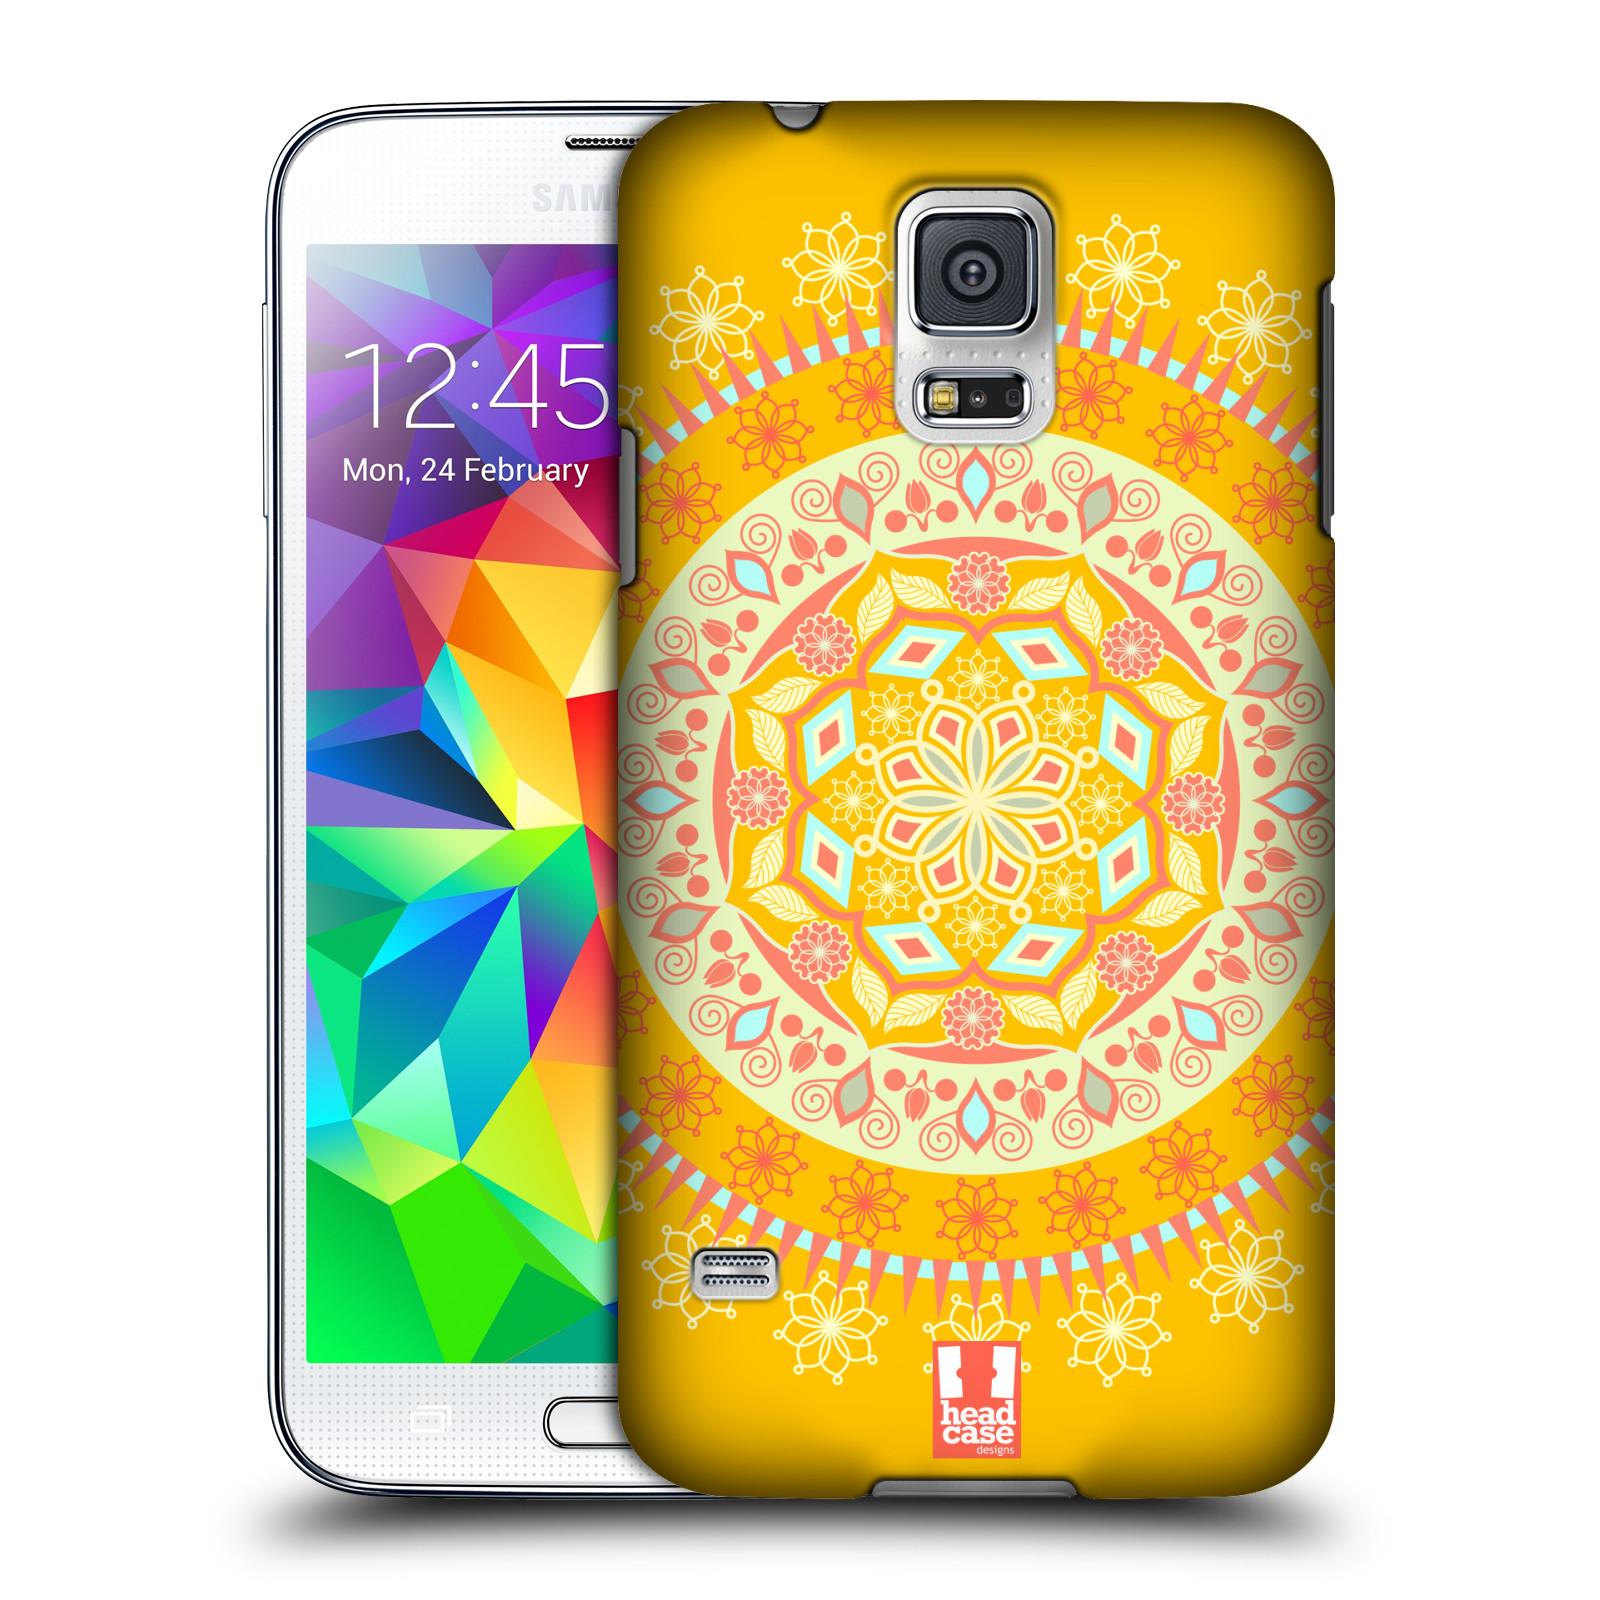 HEAD CASE plastový obal na mobil SAMSUNG Galaxy SS / S5 NEO (G900, G903F) vzor Indie Mandala slunce barevný motiv ŽLUTÁ